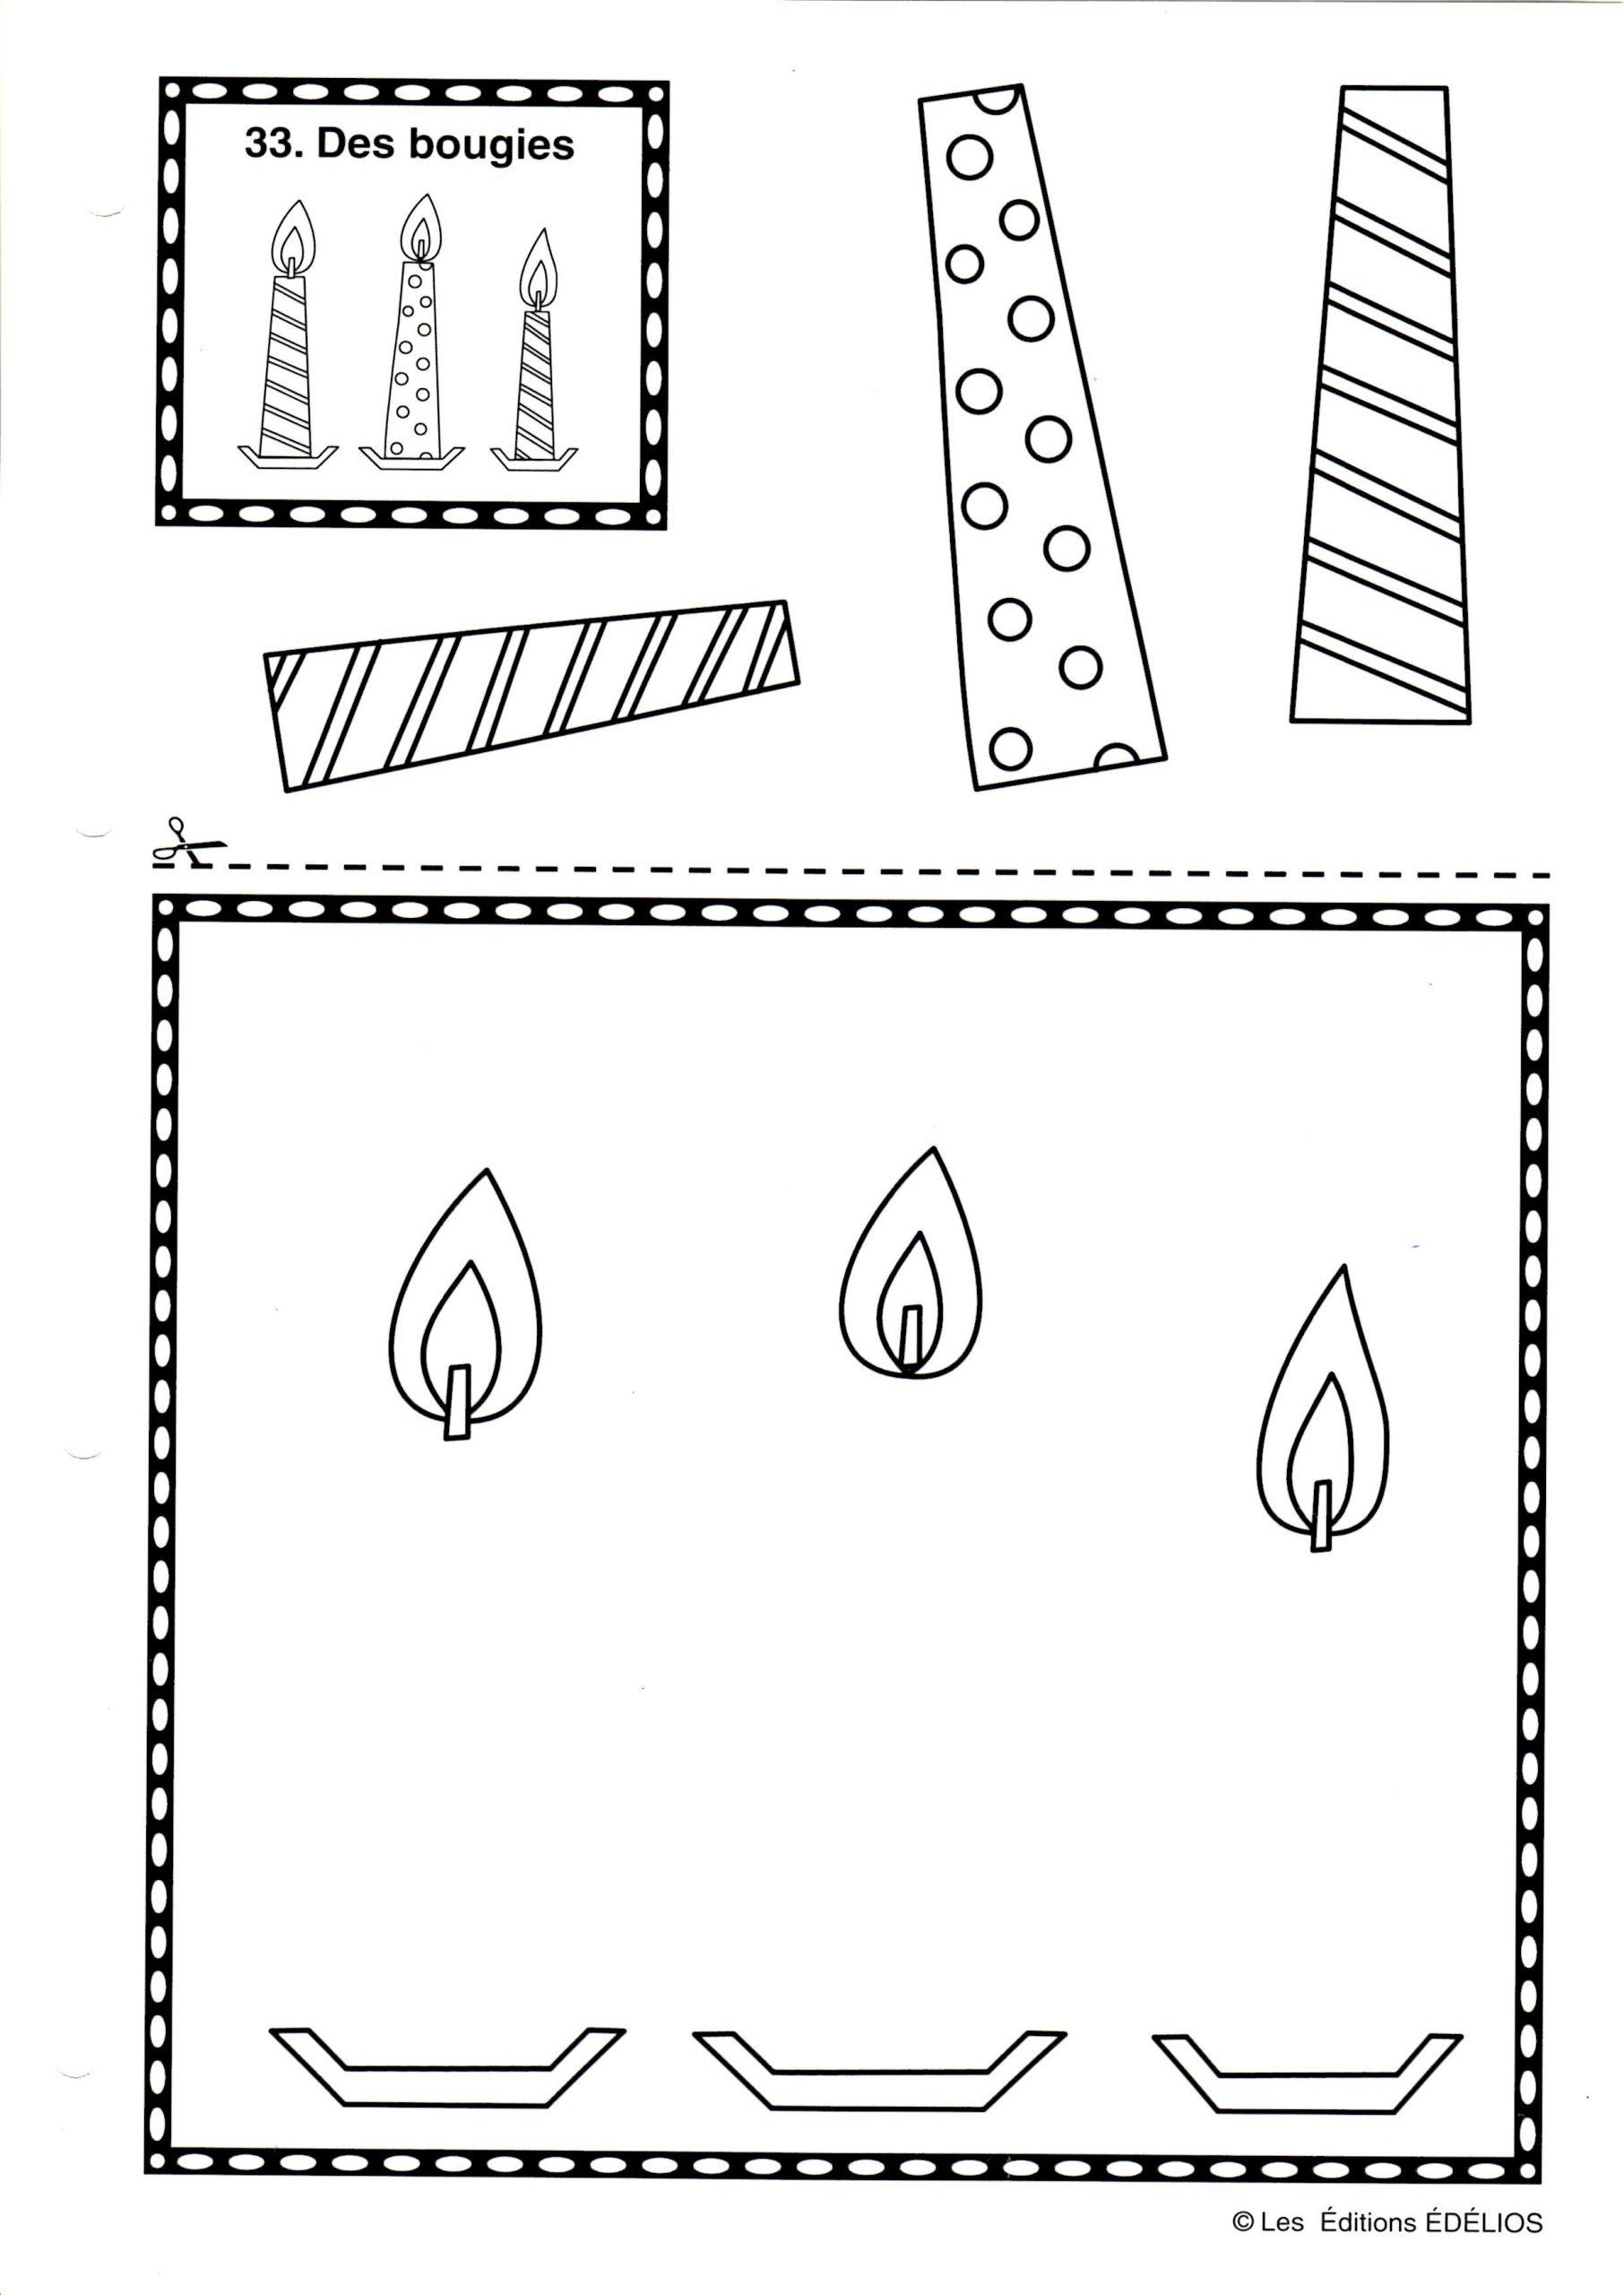 Accueil - (Page 4) - Ma Vie D'école dedans Découpage Collage Maternelle À Imprimer